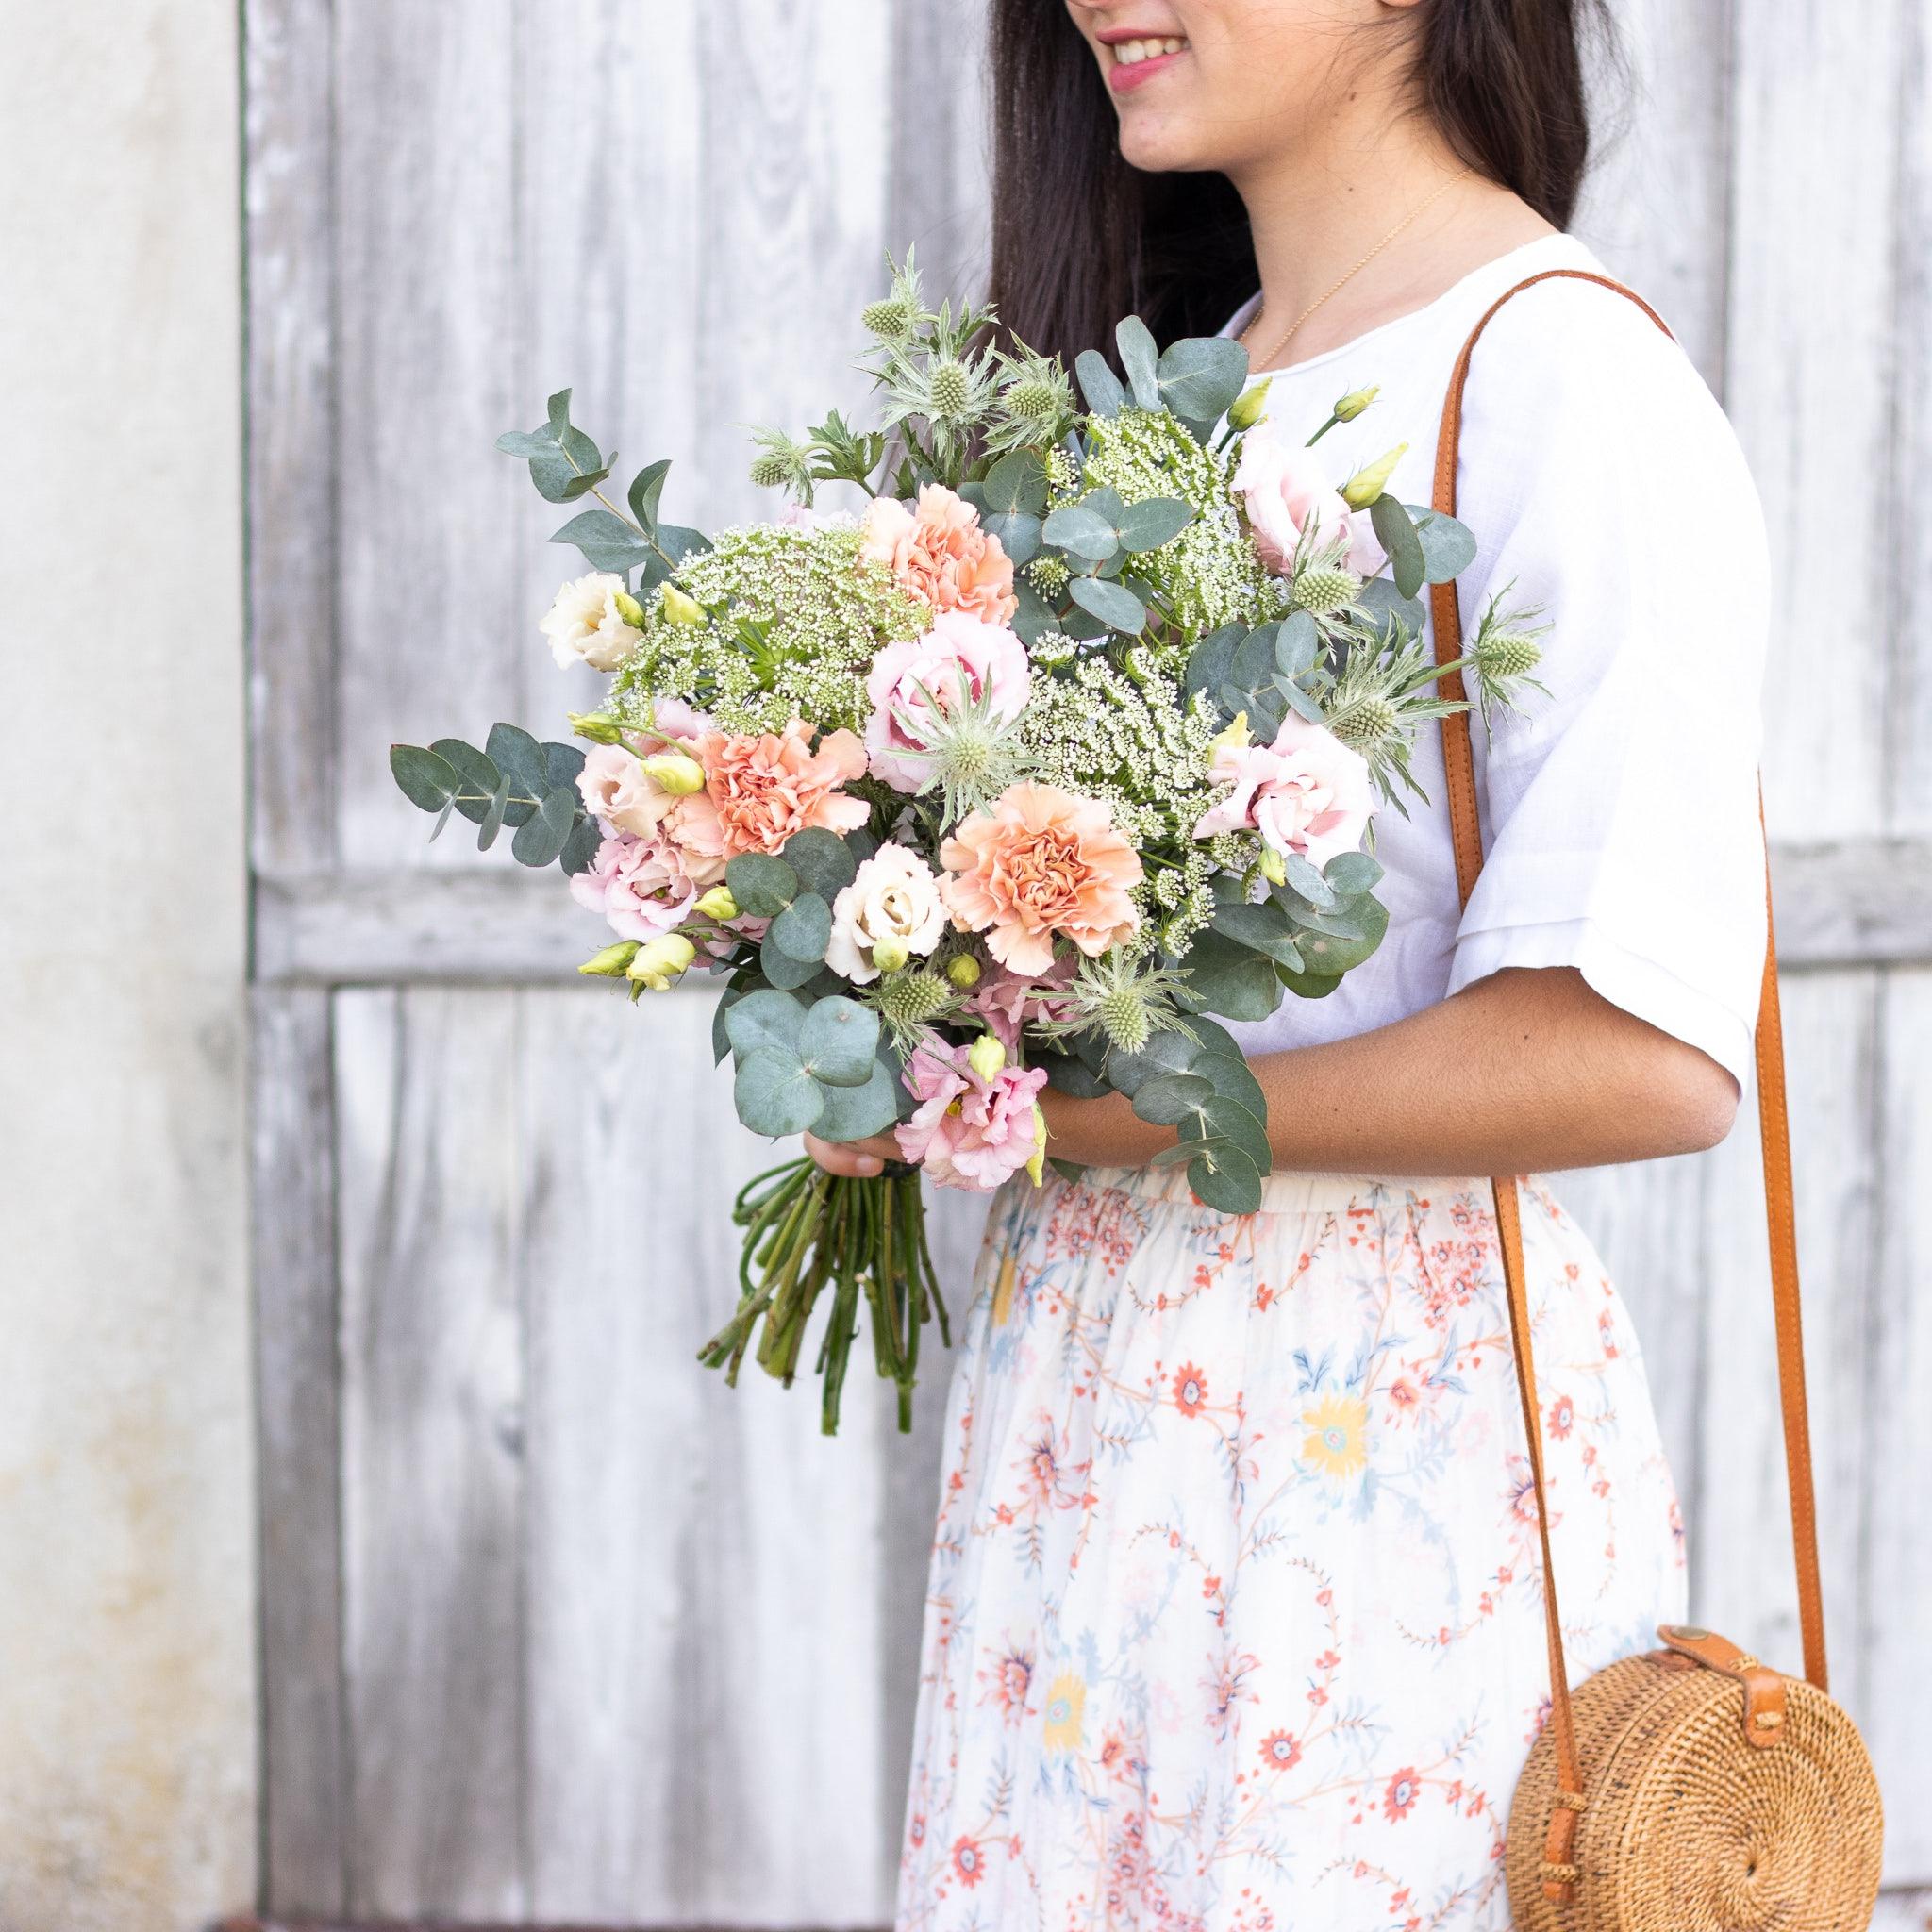 quel Bouquet offrir pour un anniversaire